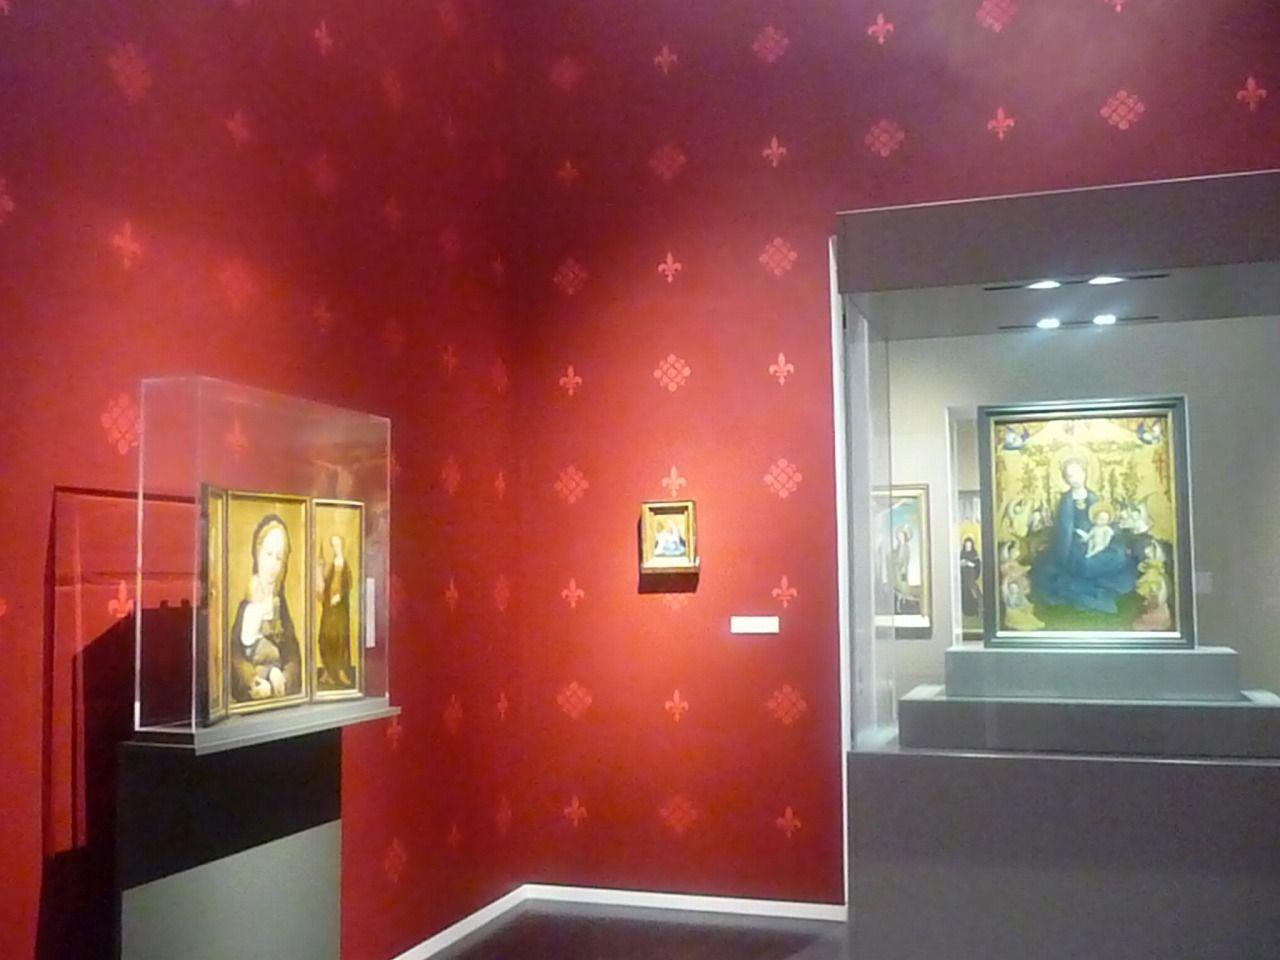 ケルンの大聖堂でも有名なシュテファン・ロッホナーの作品も